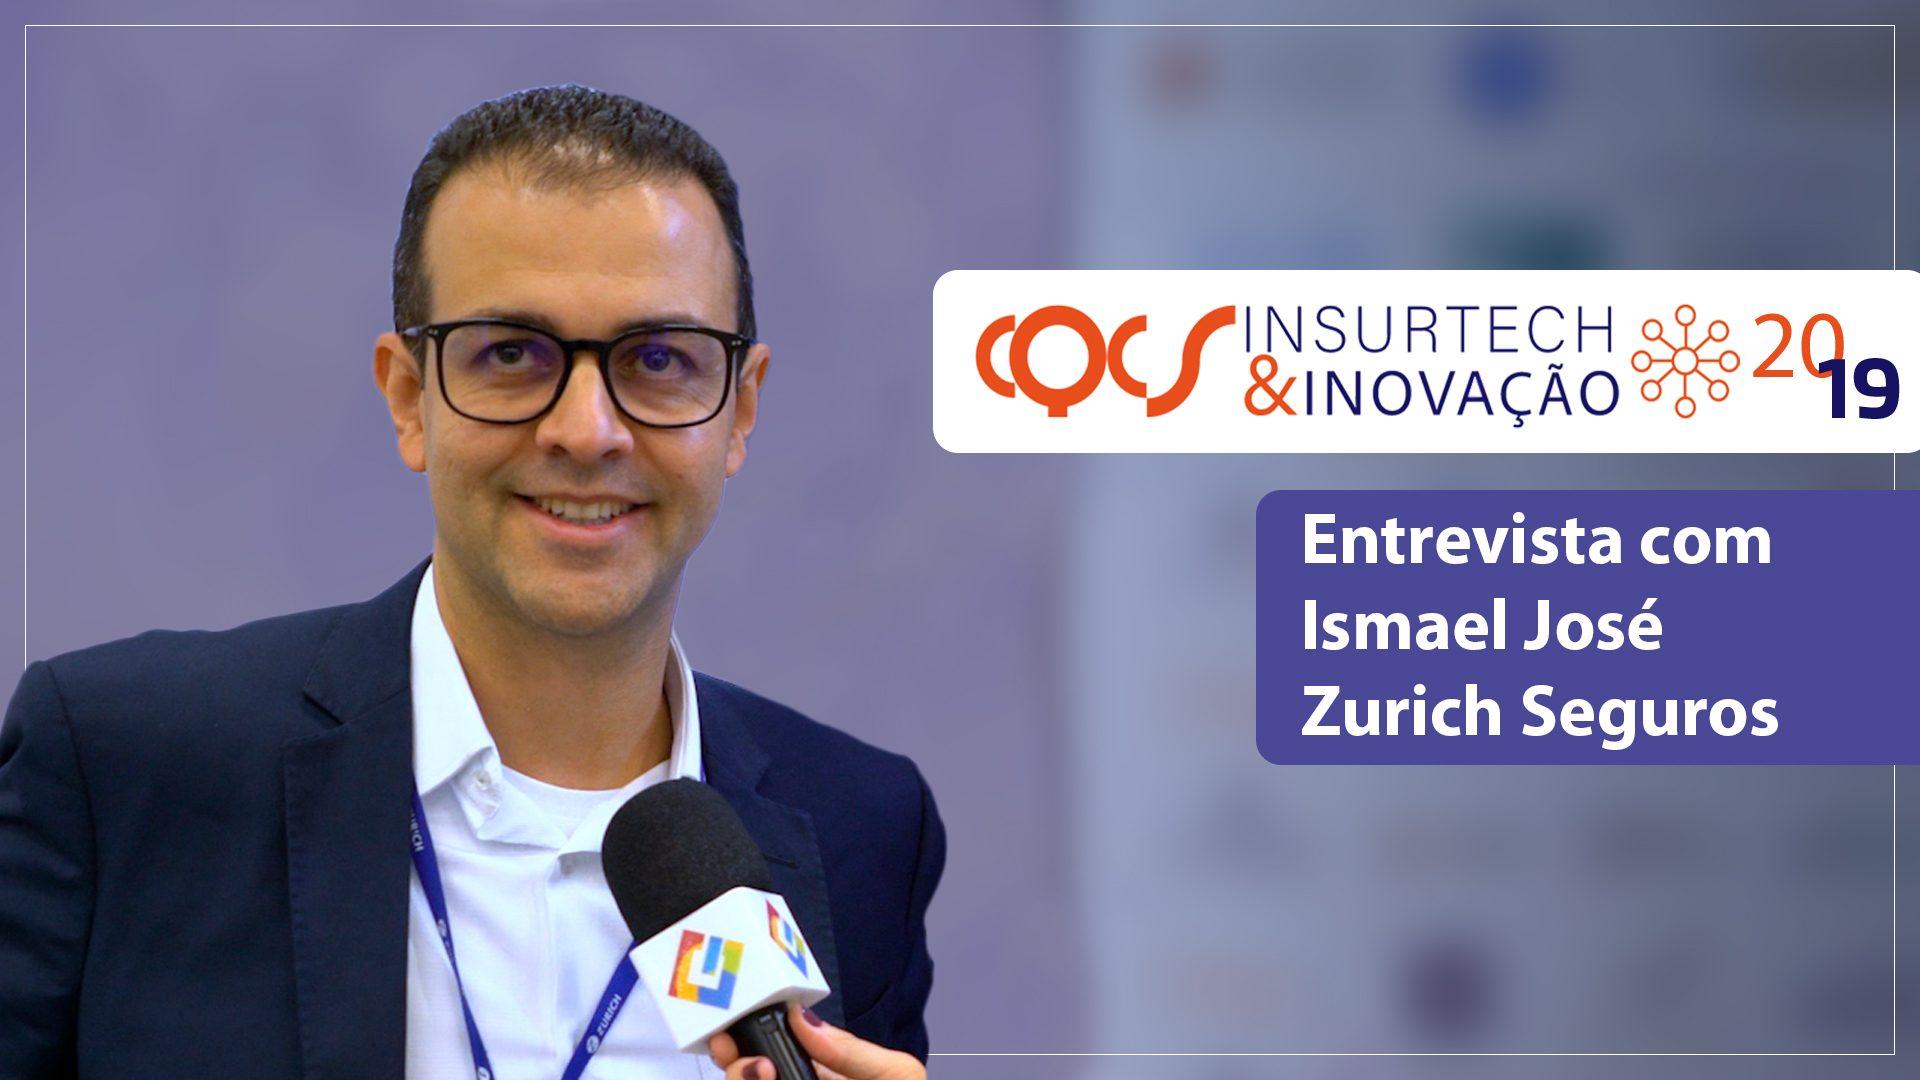 CQCS Insurtech & Inovação 2019 Zurich